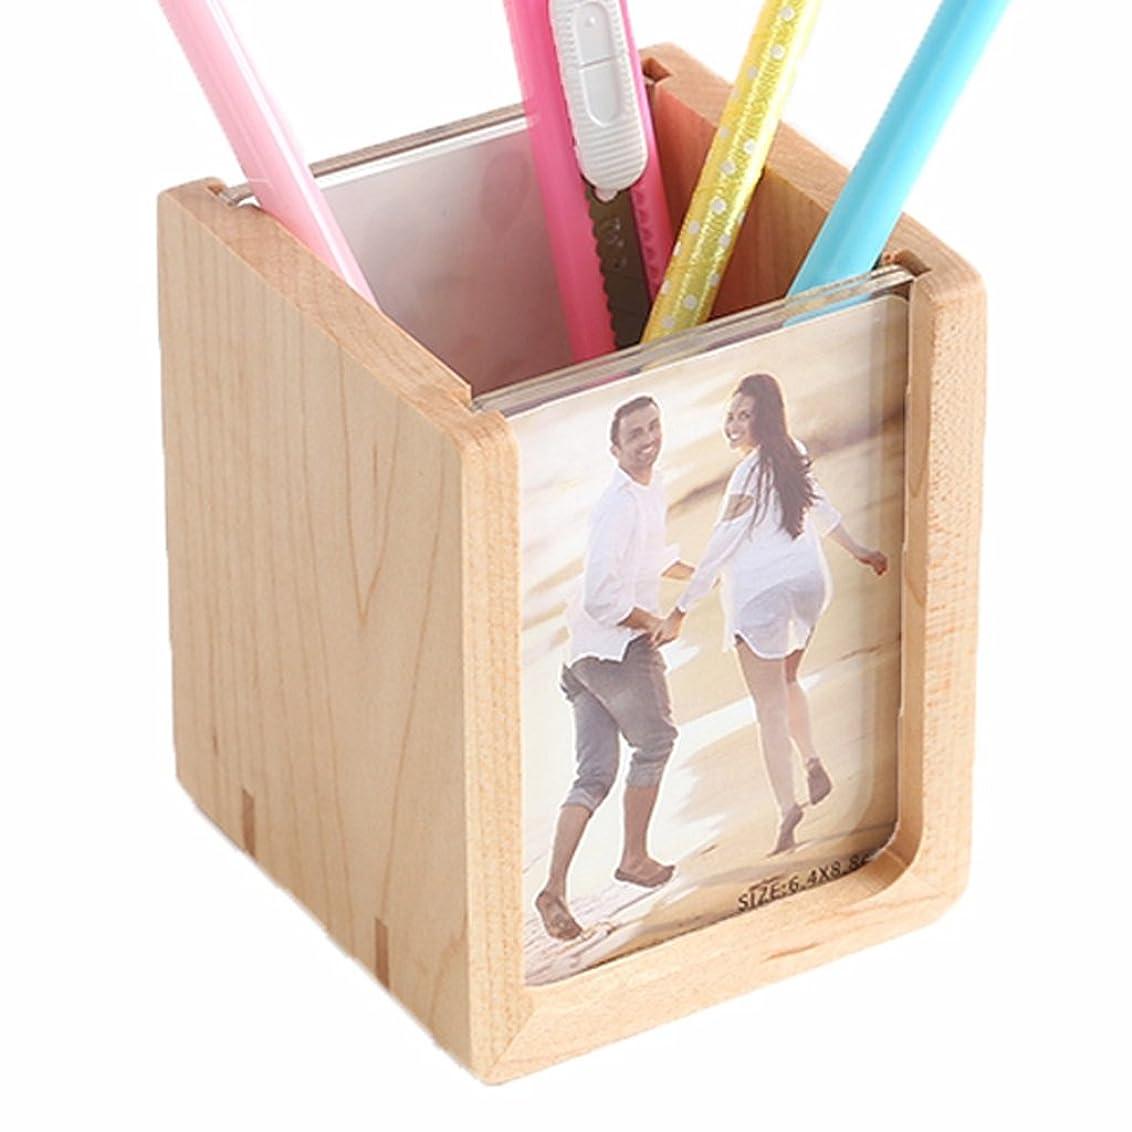 マラウイ定義講義GWM クリエイティブファッション木製フォトフレームソリッドウッドデスクトップストレージボックスホリデーギフト小さな新鮮な装飾品